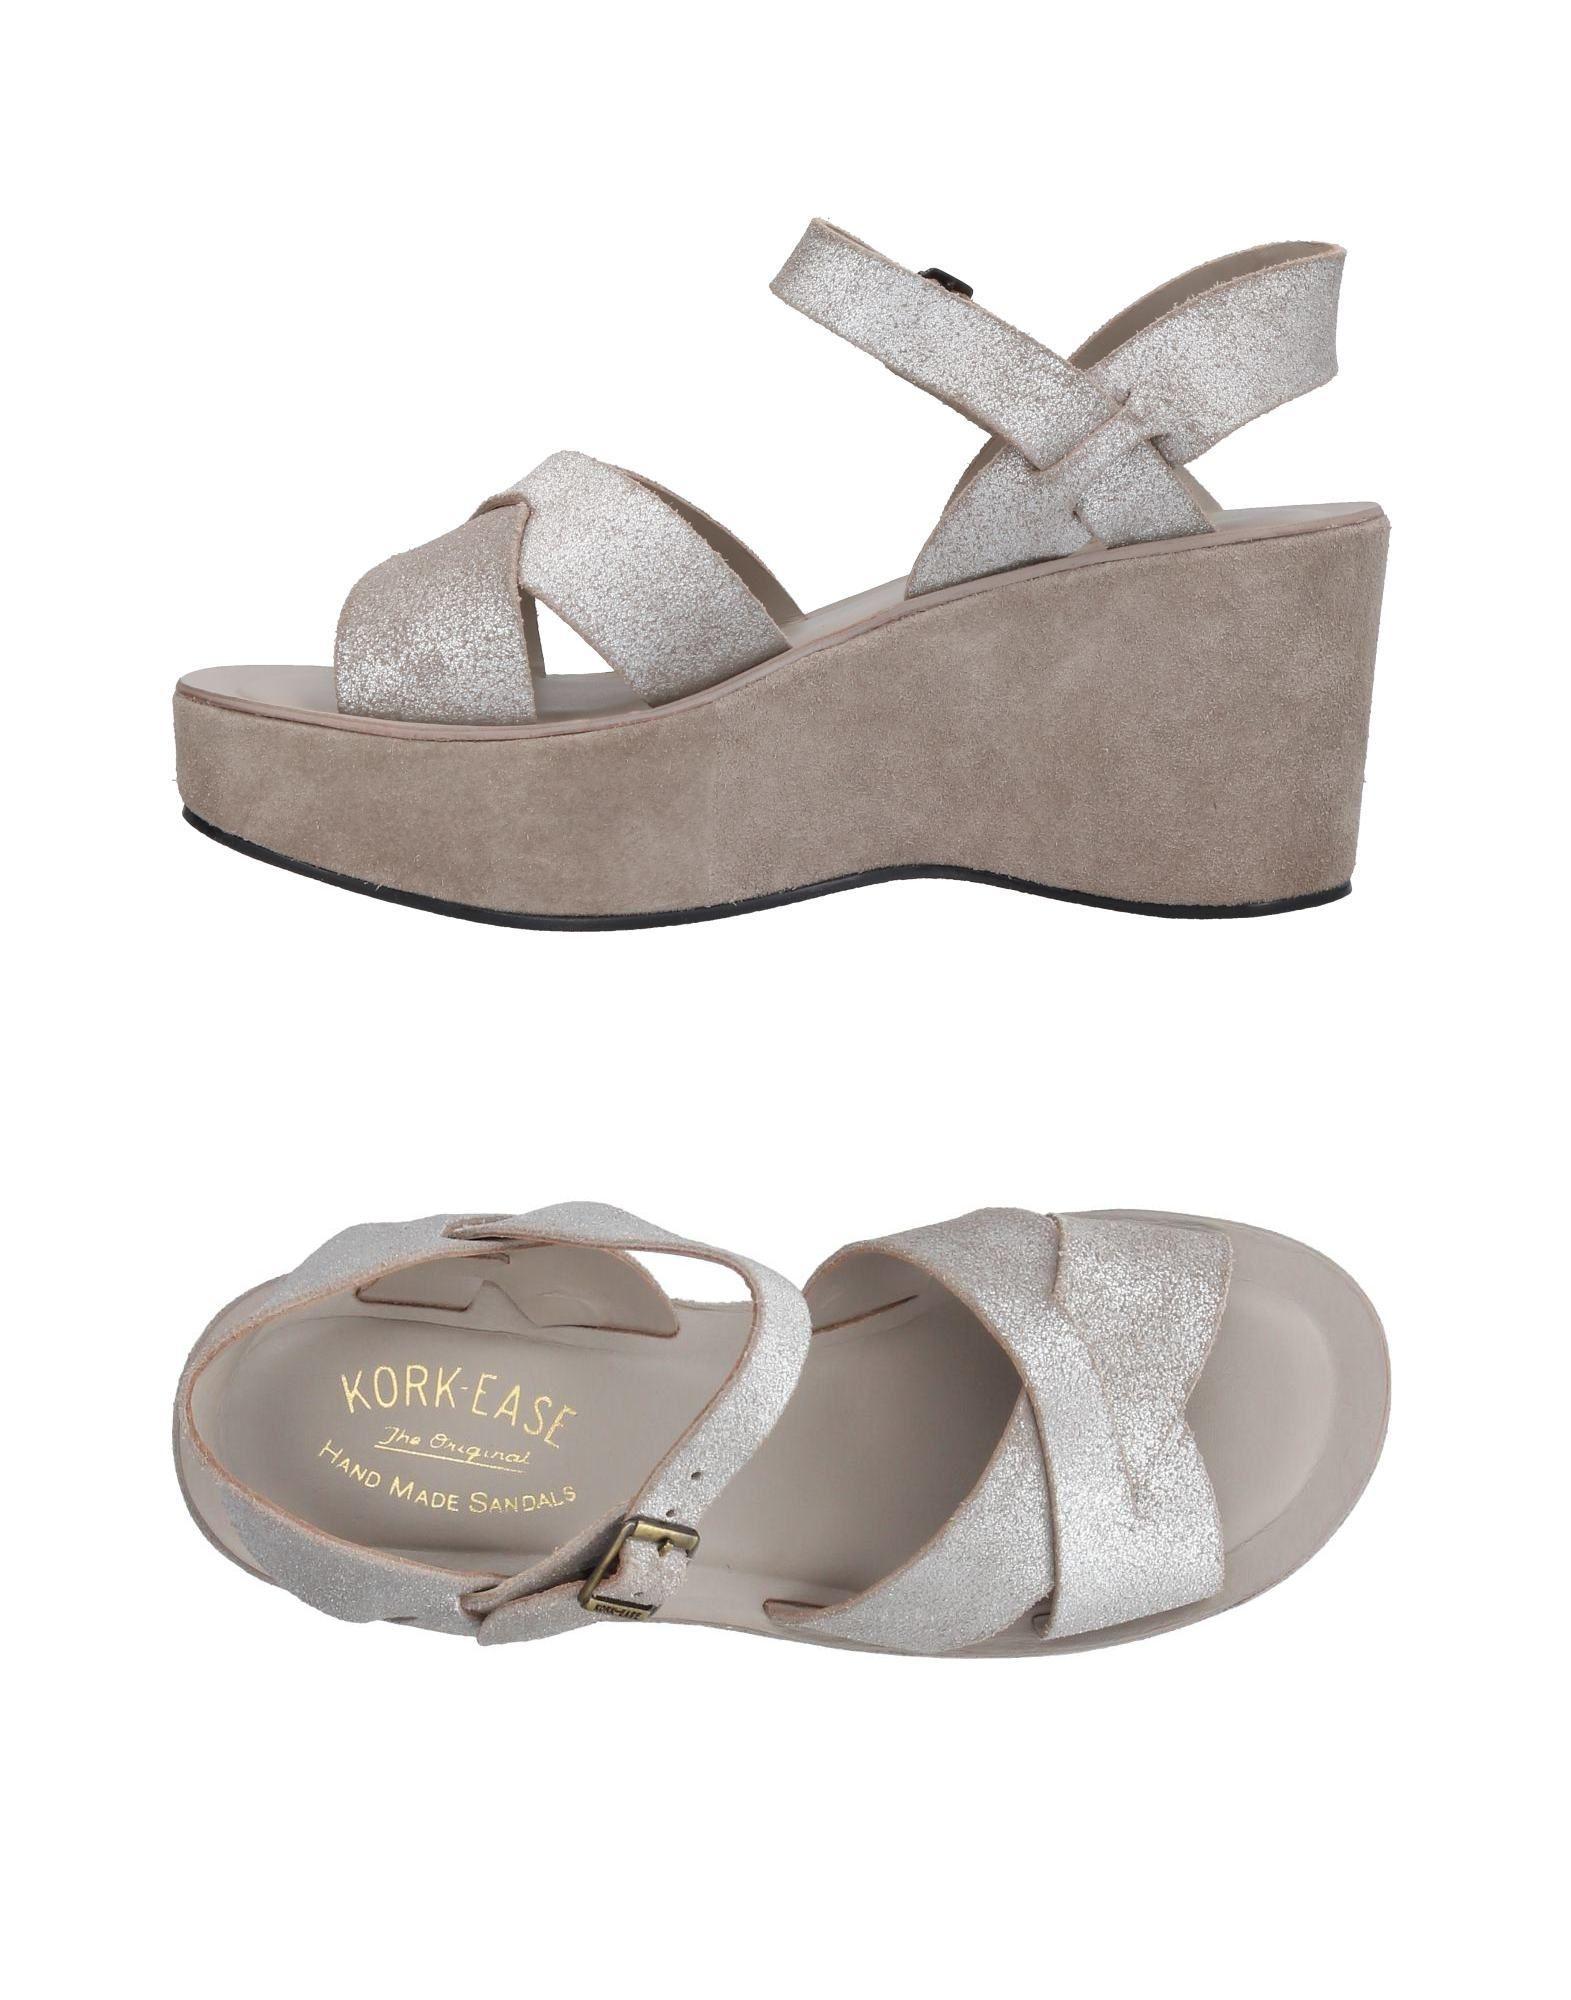 Moda Sandali Kork-Ease Donna - 11403020NC